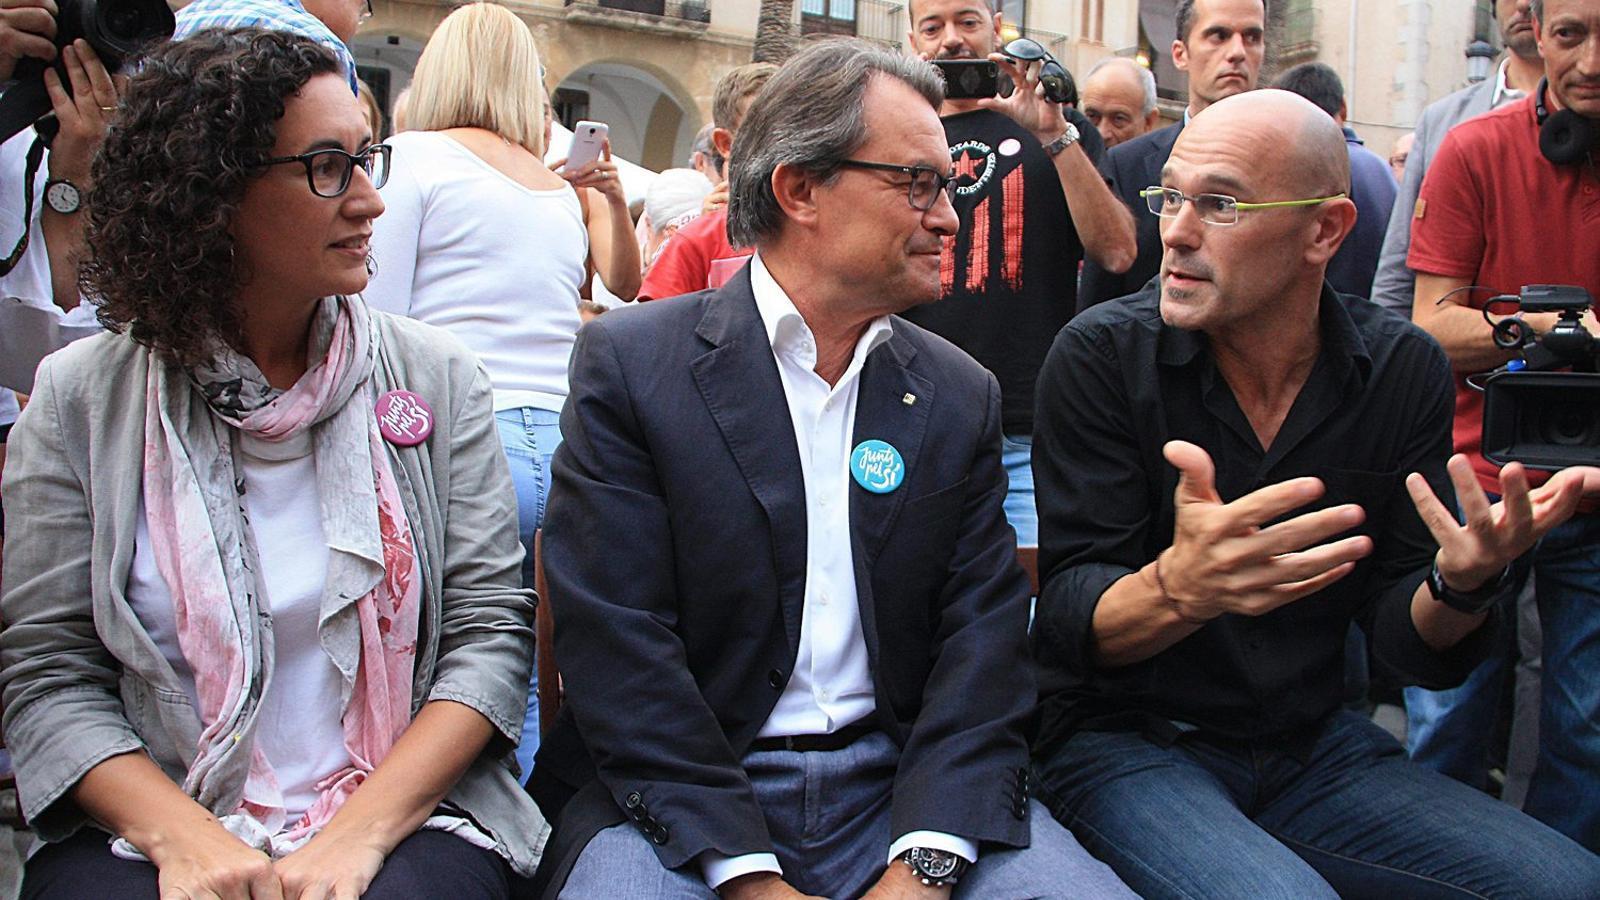 Unes 3.500 persones van omplir ahir la plaça de la Vila de Vilanova i la Geltrú per escoltar Mas, Romeva i Marta Rovira.